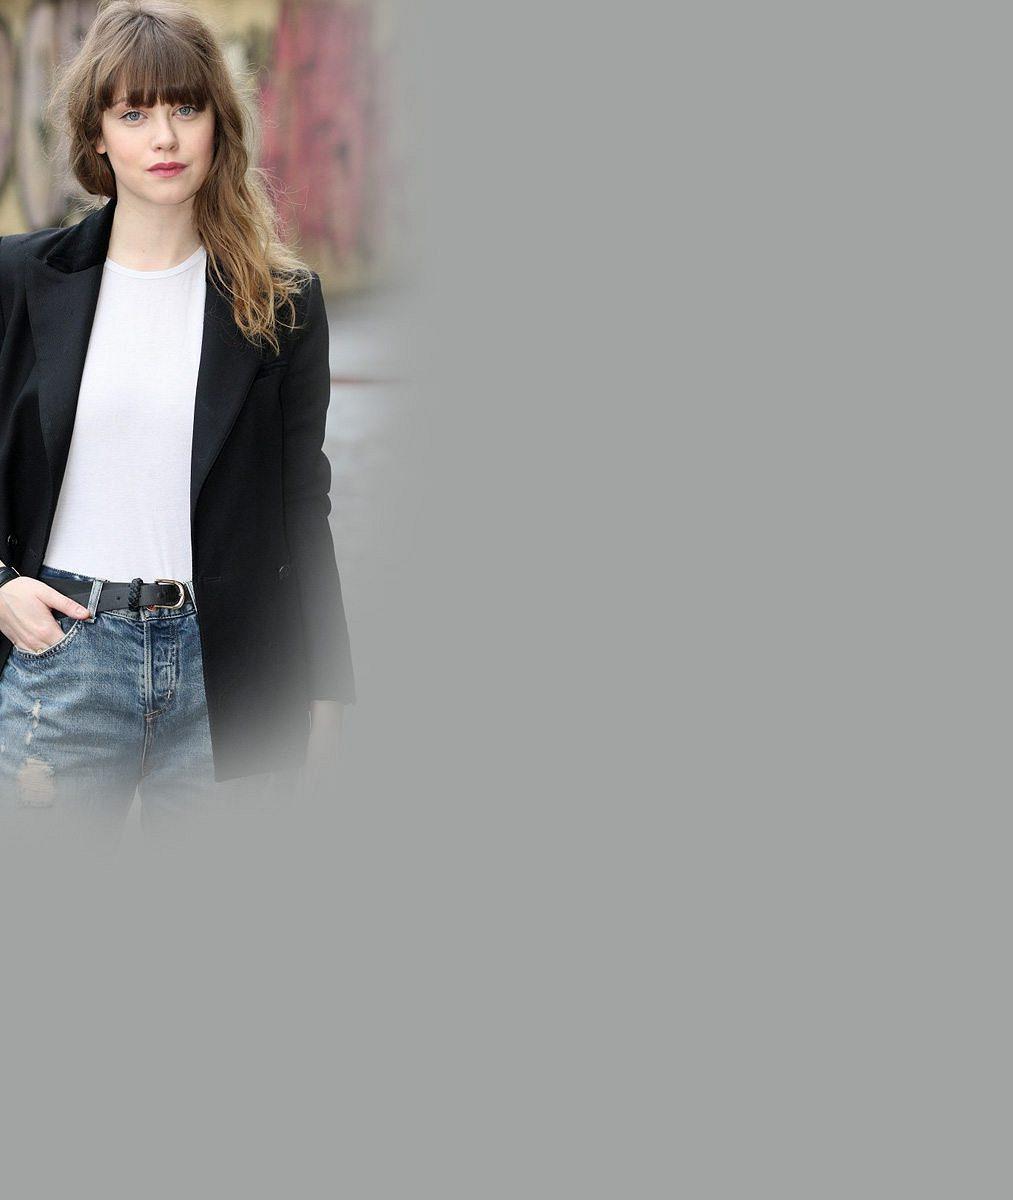 Je krásná: Jenovéfa Boková zářila na premiéře v krajce a s květinami ve vlasech